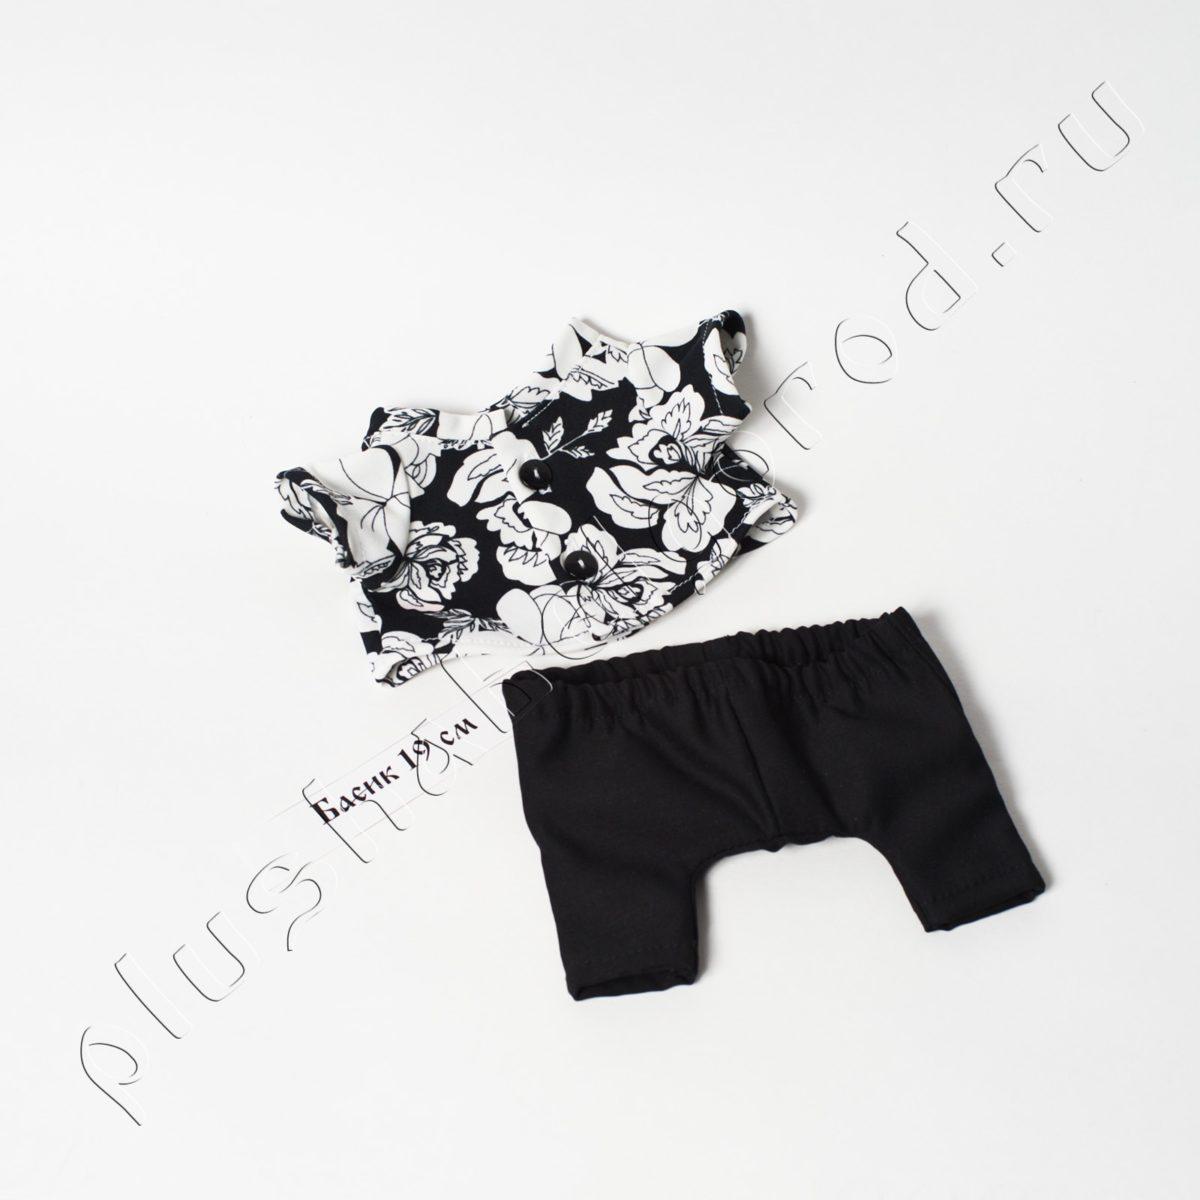 Брюки и рубашка по привлекательной цене, выгода 150 руб.!